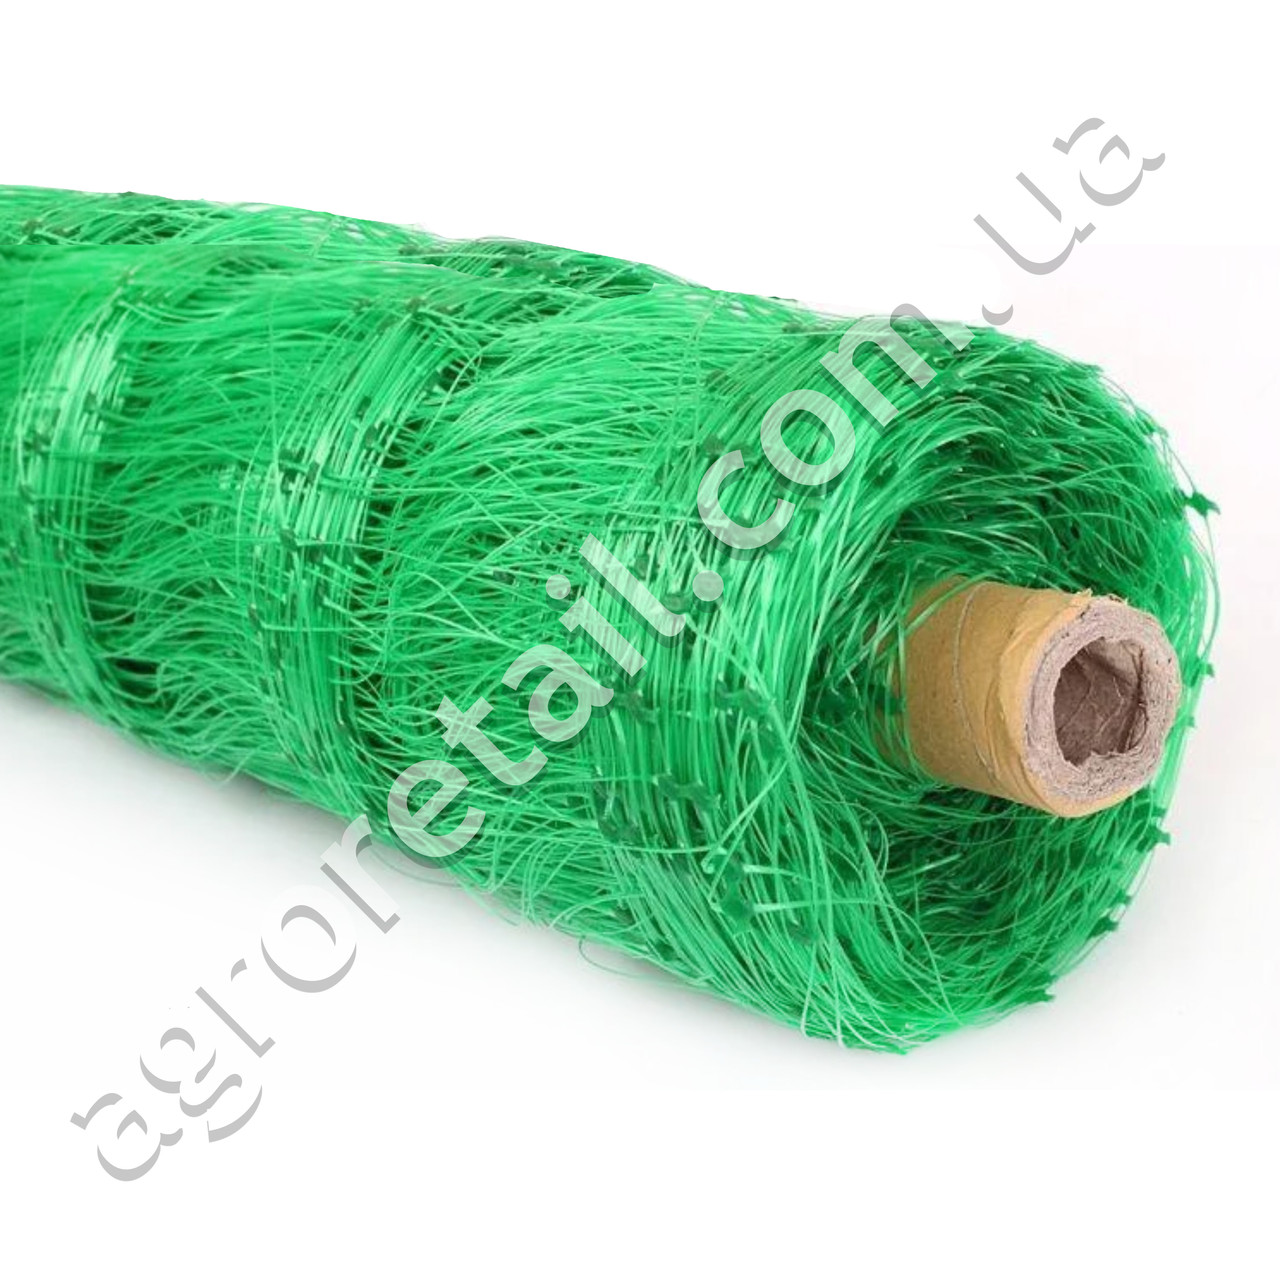 Шпалерная сетка для огурцов ячейка 150x150 мм рулон 1.7х500 м